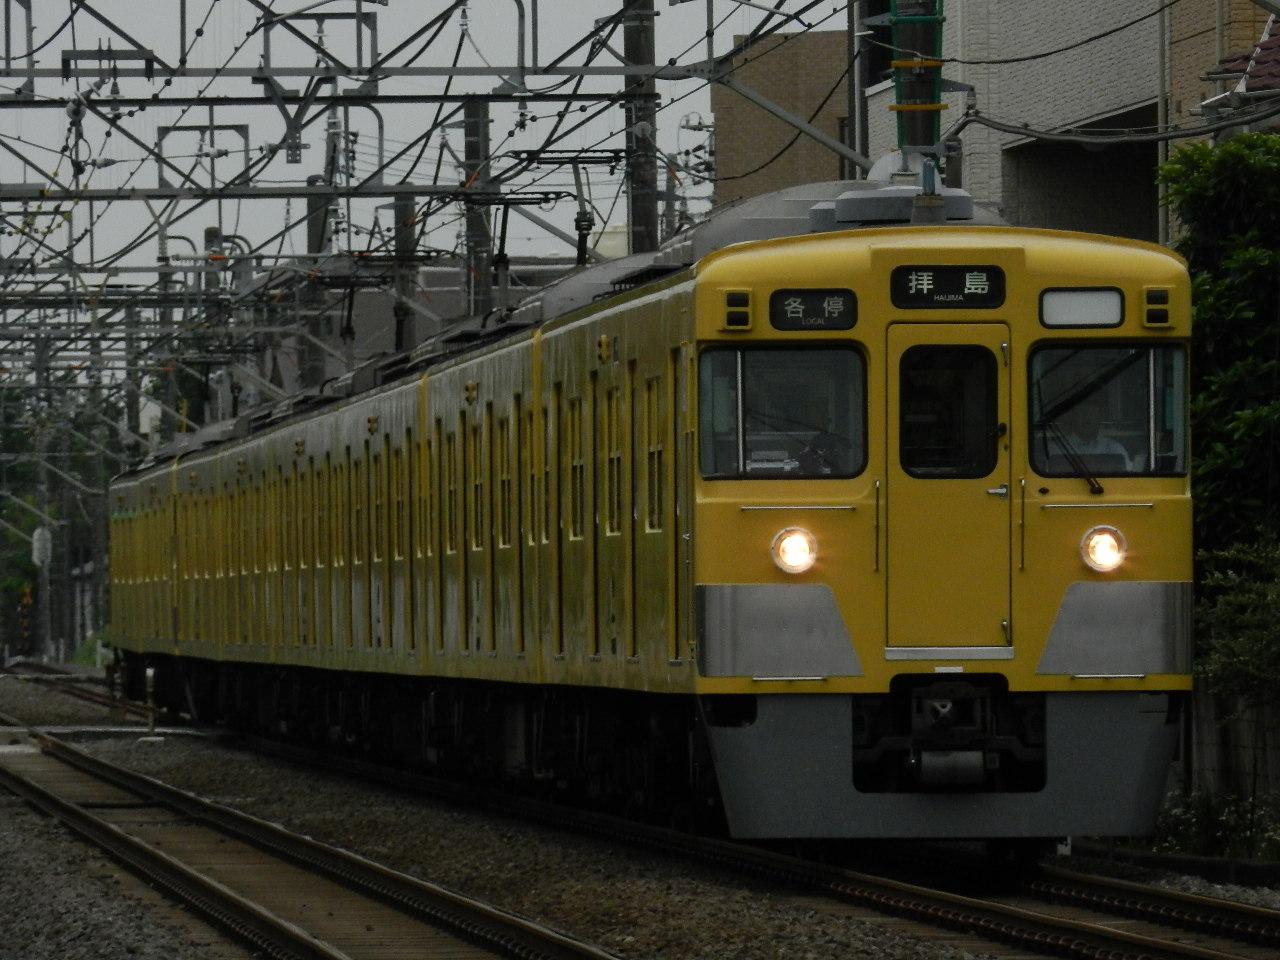 DSCN5303.jpg